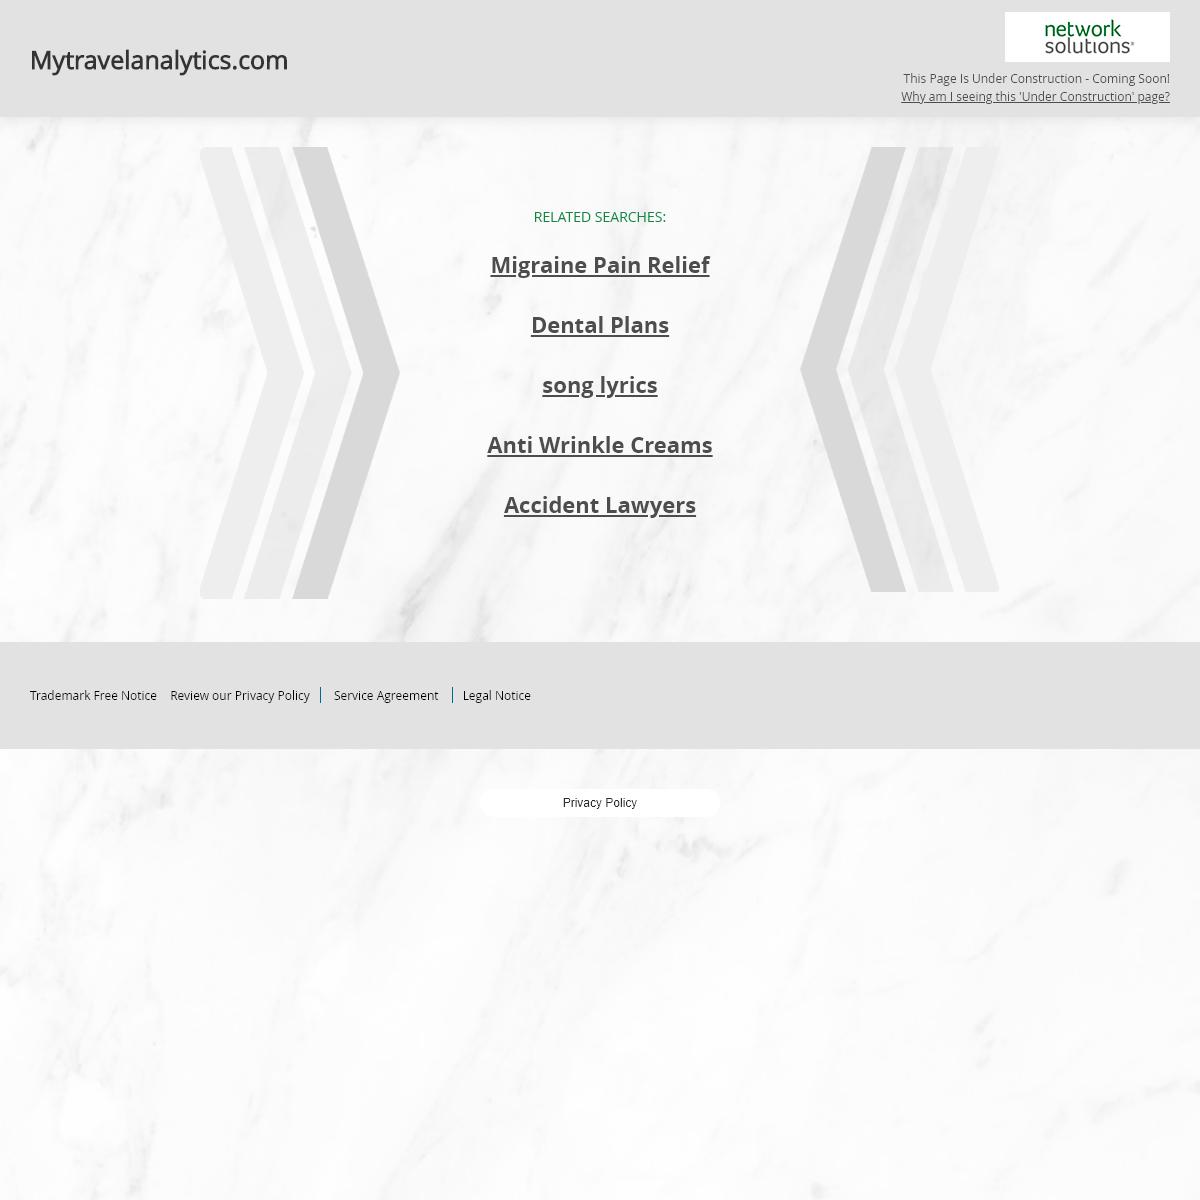 Mytravelanalytics.com